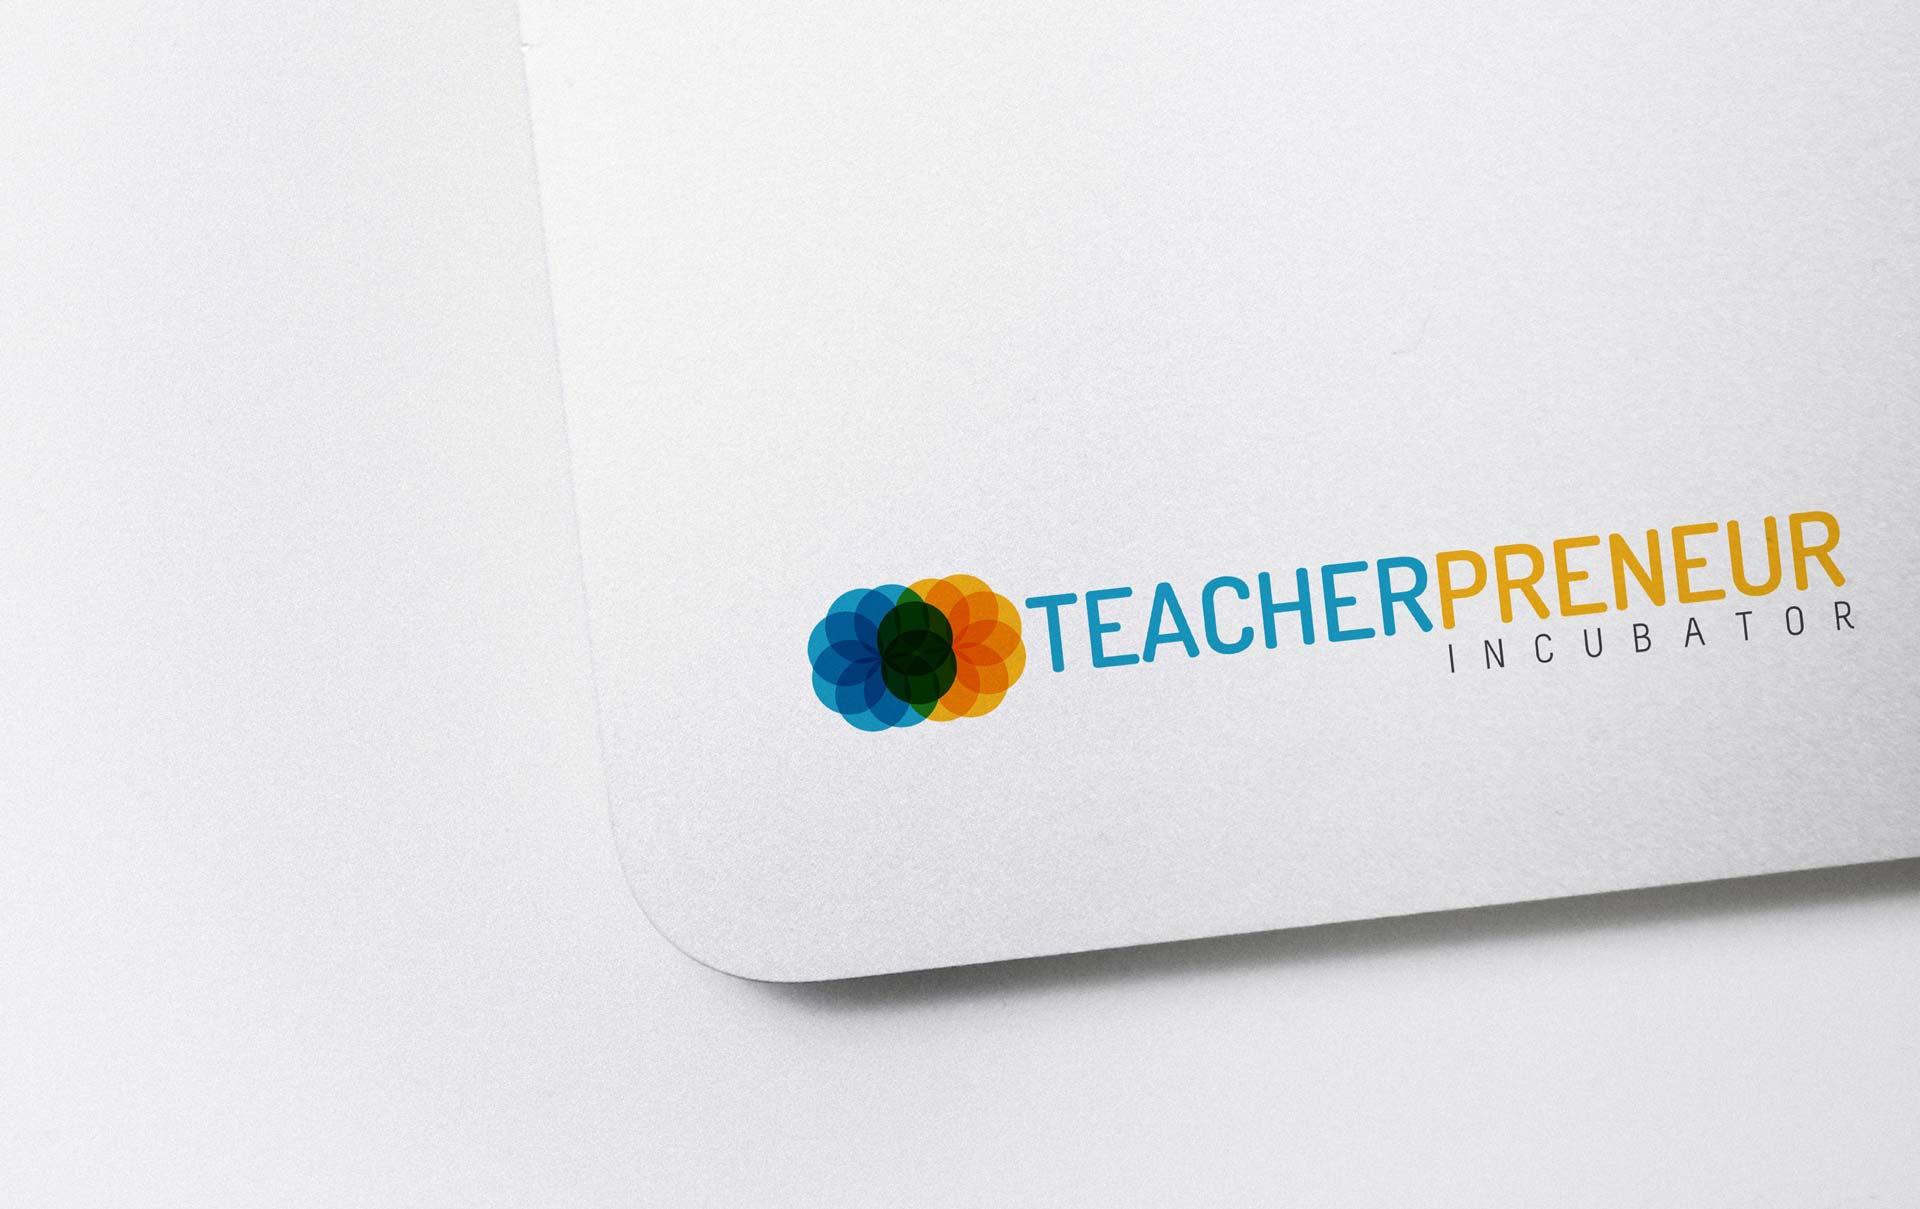 Teacherpreneur Sticker Concept